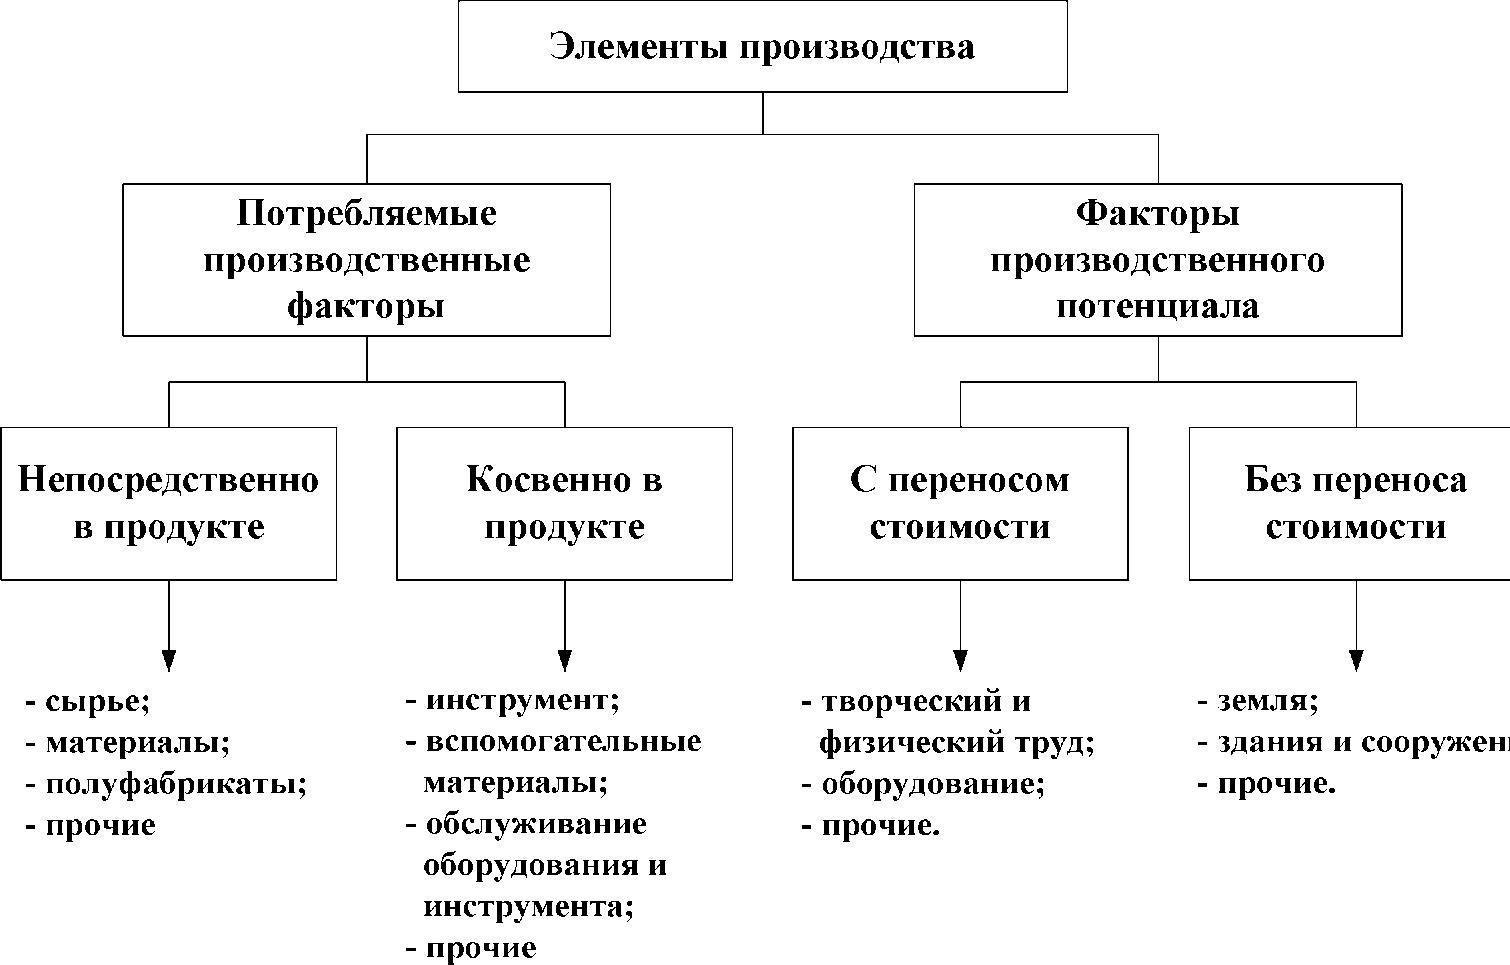 Классификация элементов производства по способу формирования затрат